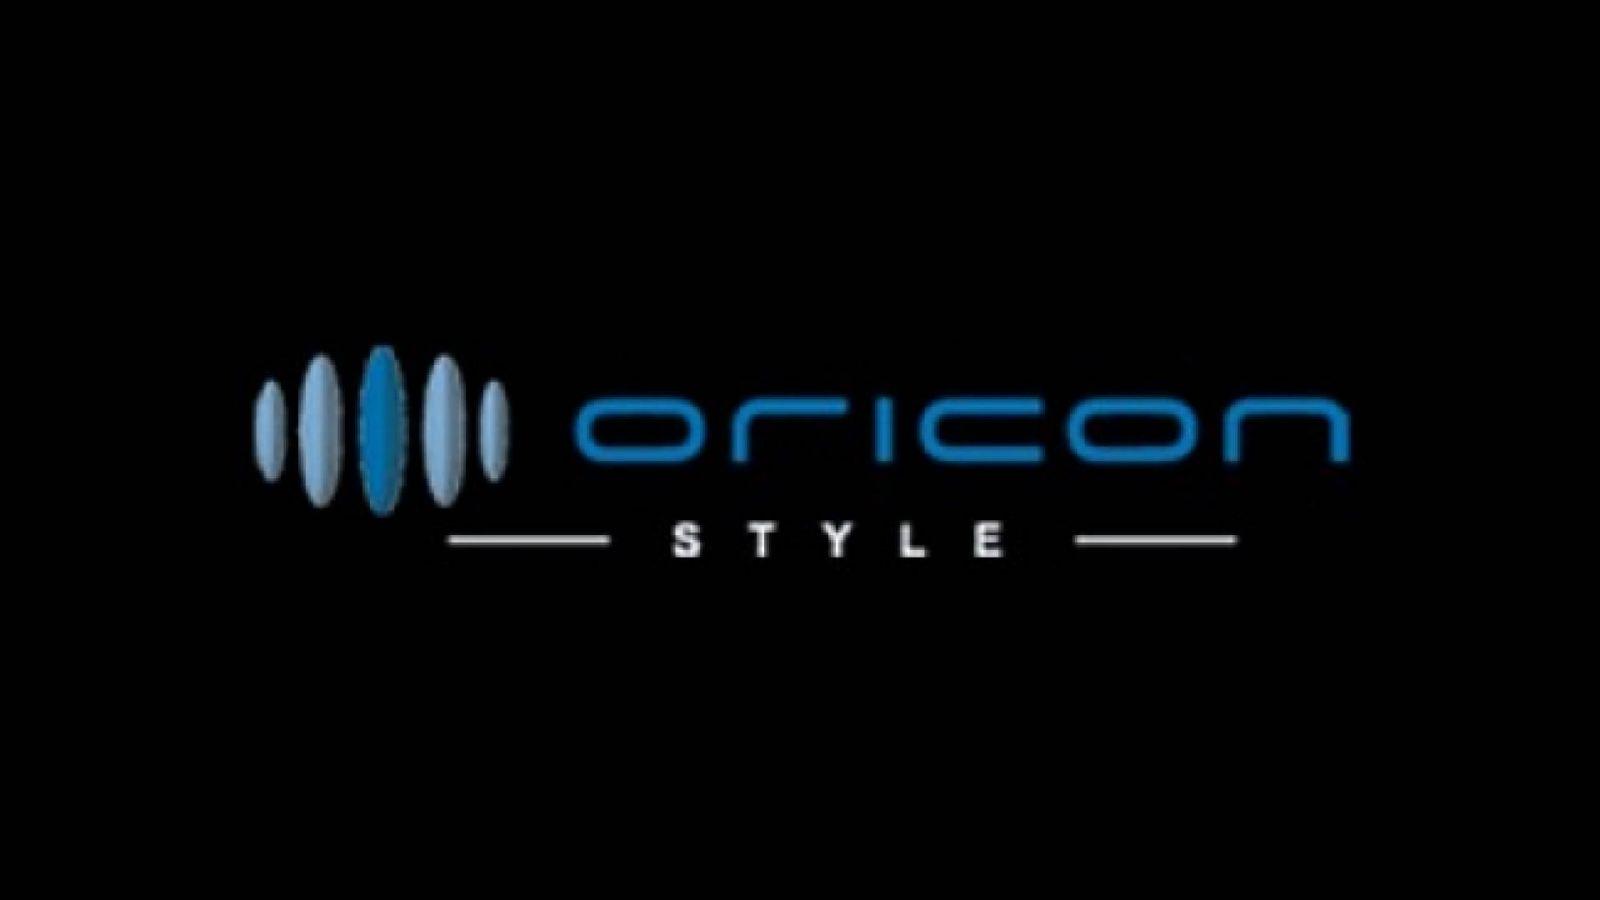 Oricon 2018 semana 17 © JaME - Oricon